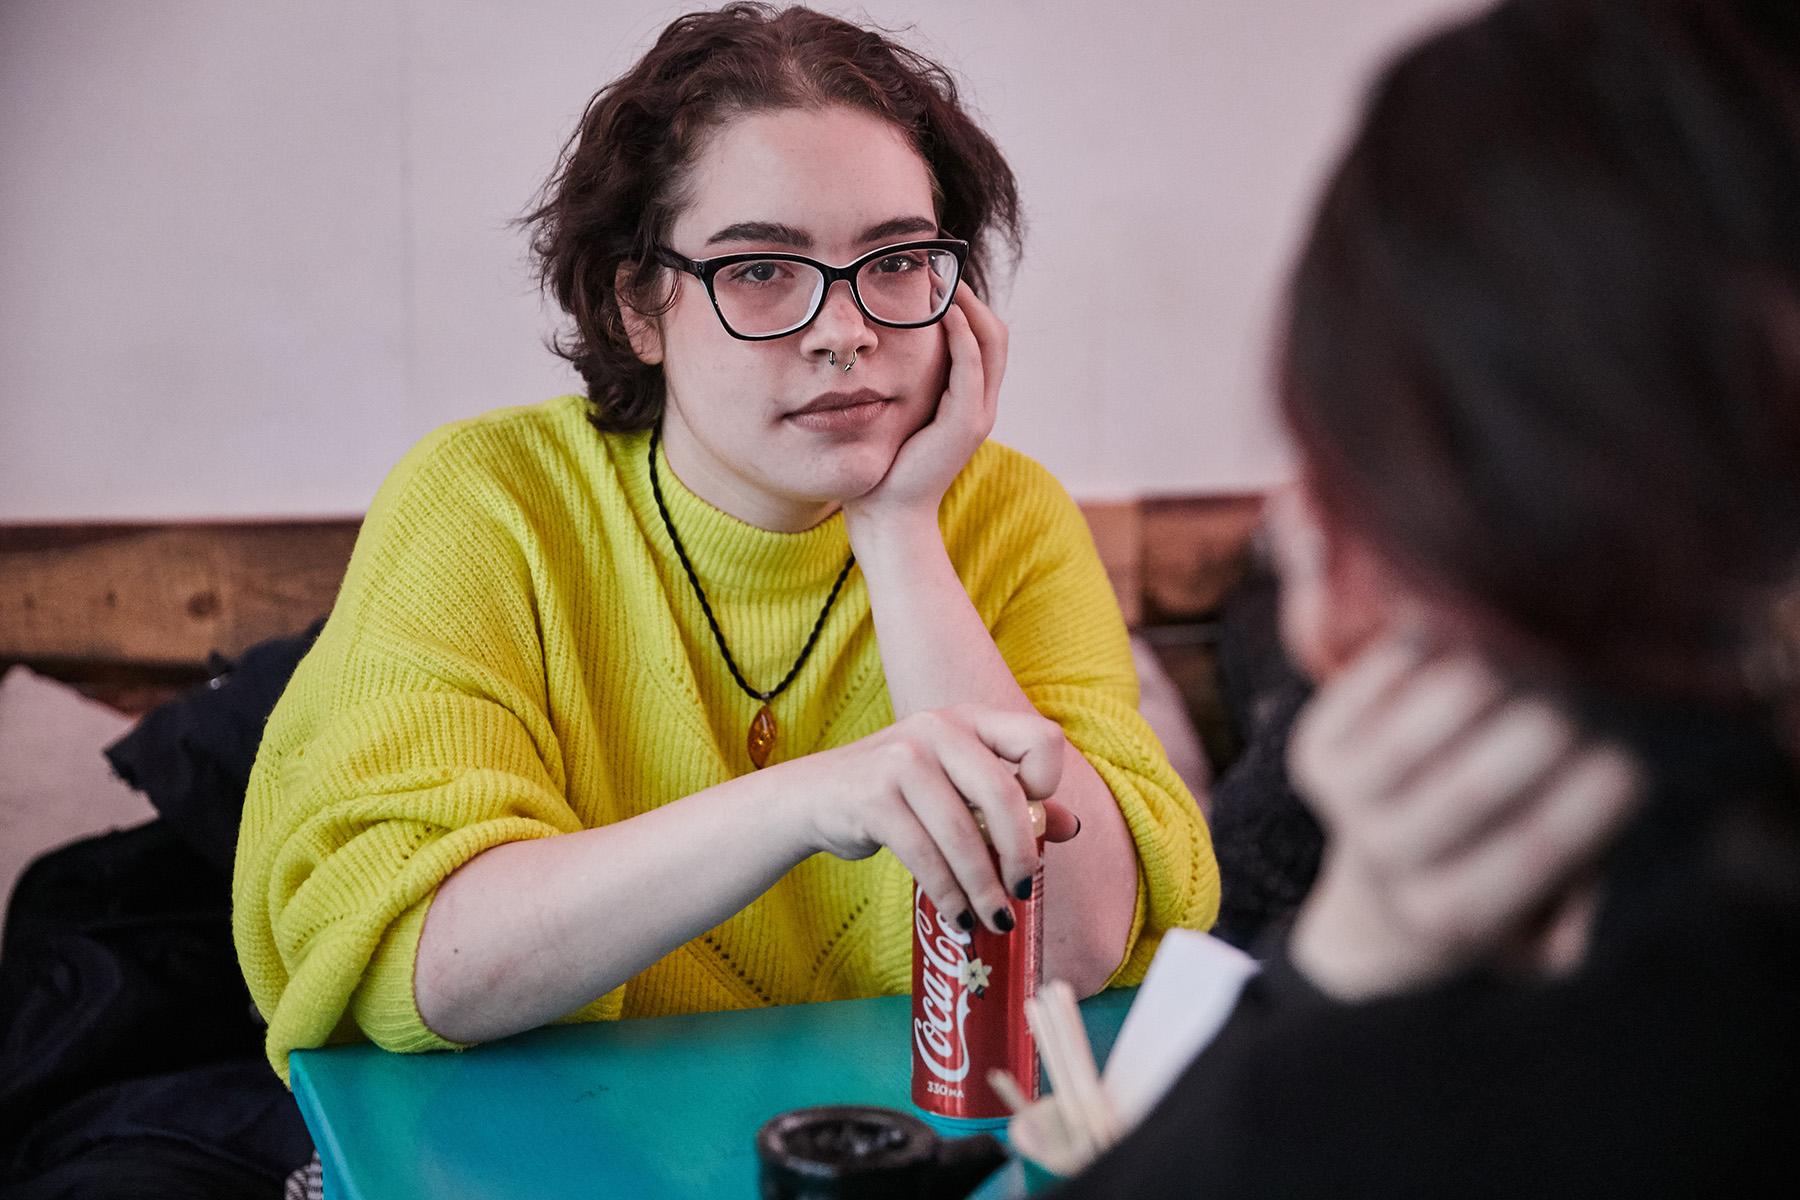 «ВРоссии, если тыхоть разок побывал втюрьме, тыуже нечеловек»: интервью с16-летней дочерью фигуранта «московского дела» Малышевского